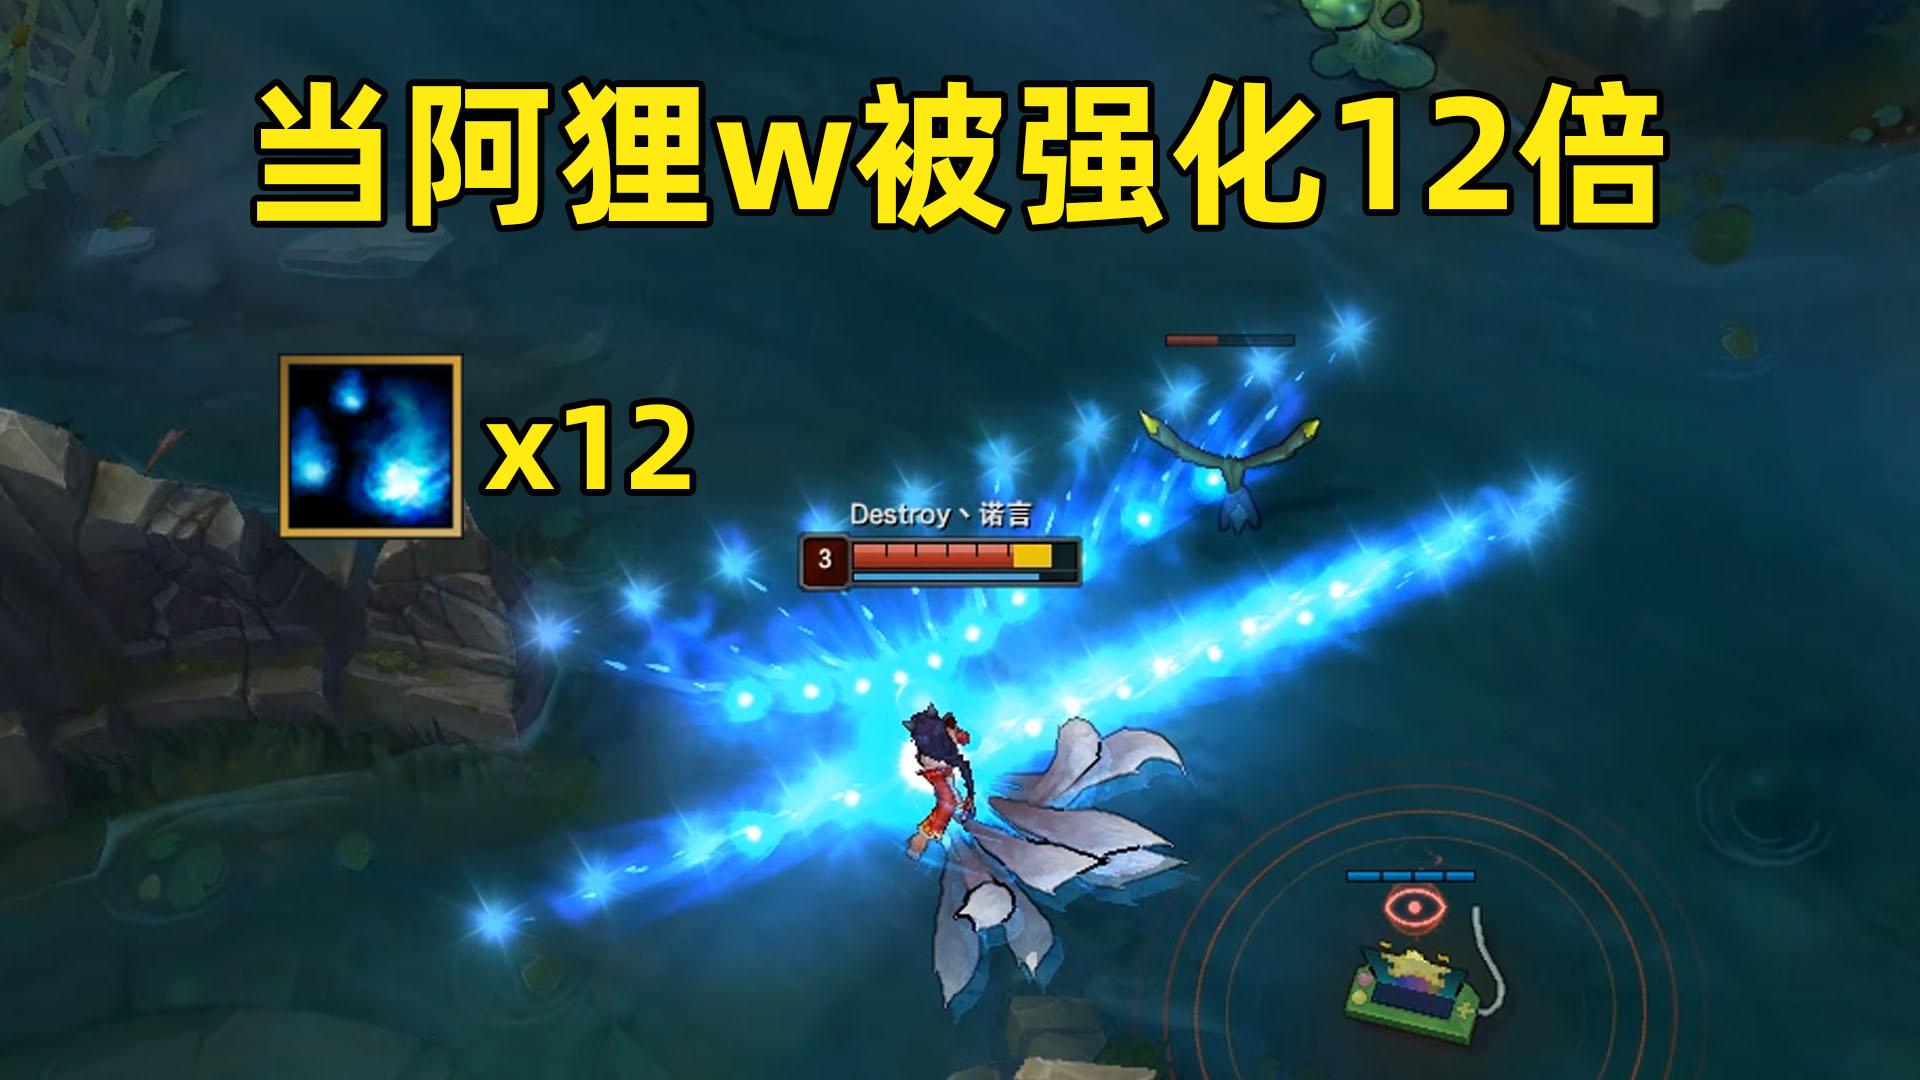 阿狸超级w:伤害强化12倍,跑的越快伤害越高!